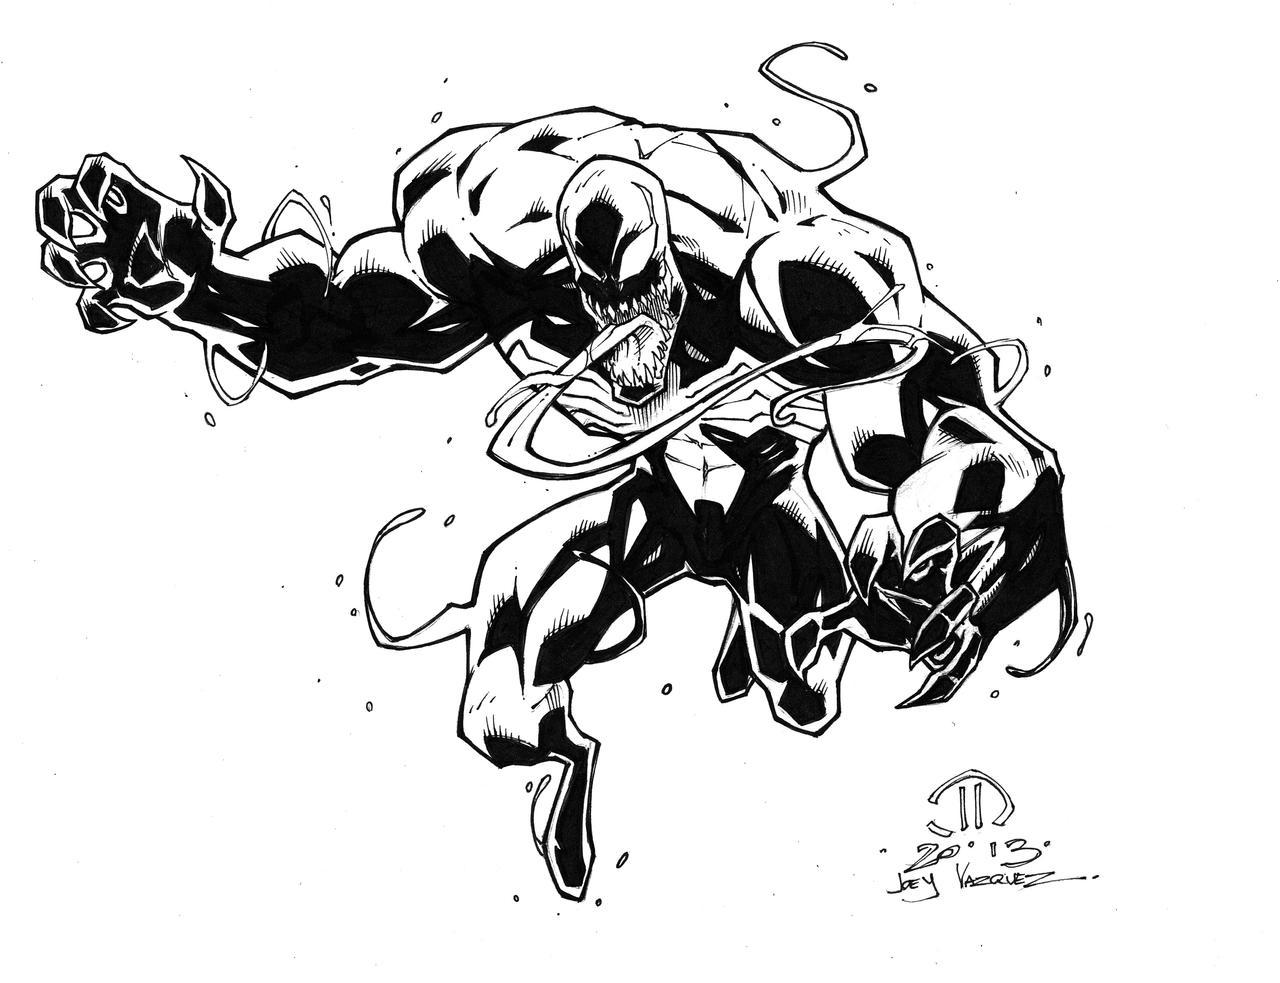 Venom inked up by JoeyVazquez